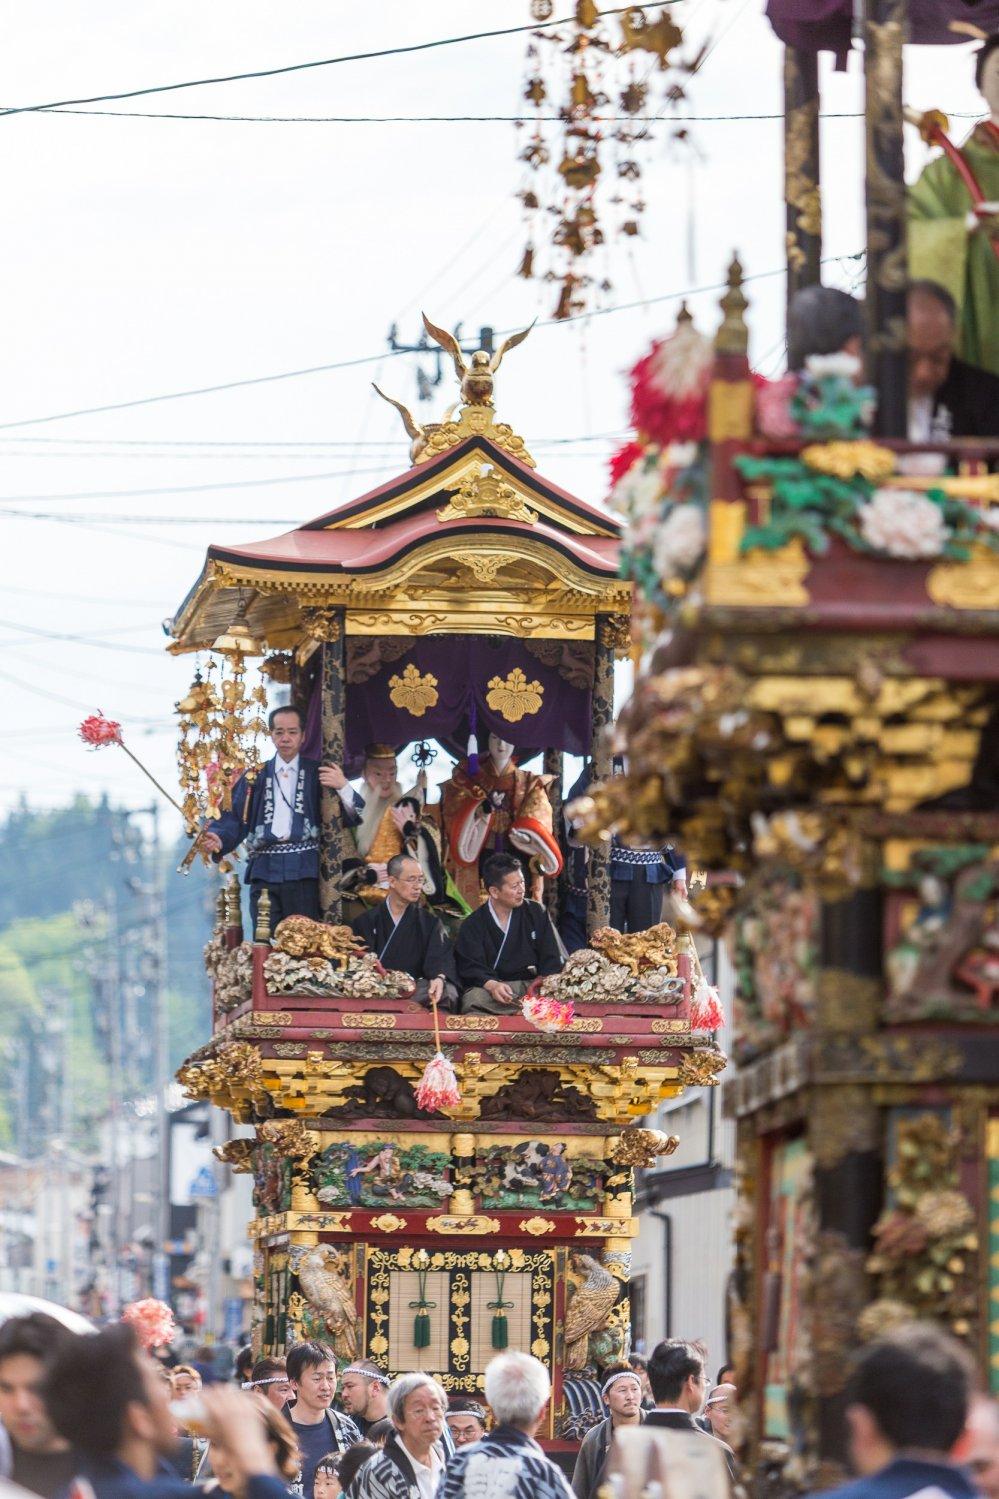 Les chars défilent à travers les rues de Yatsuo